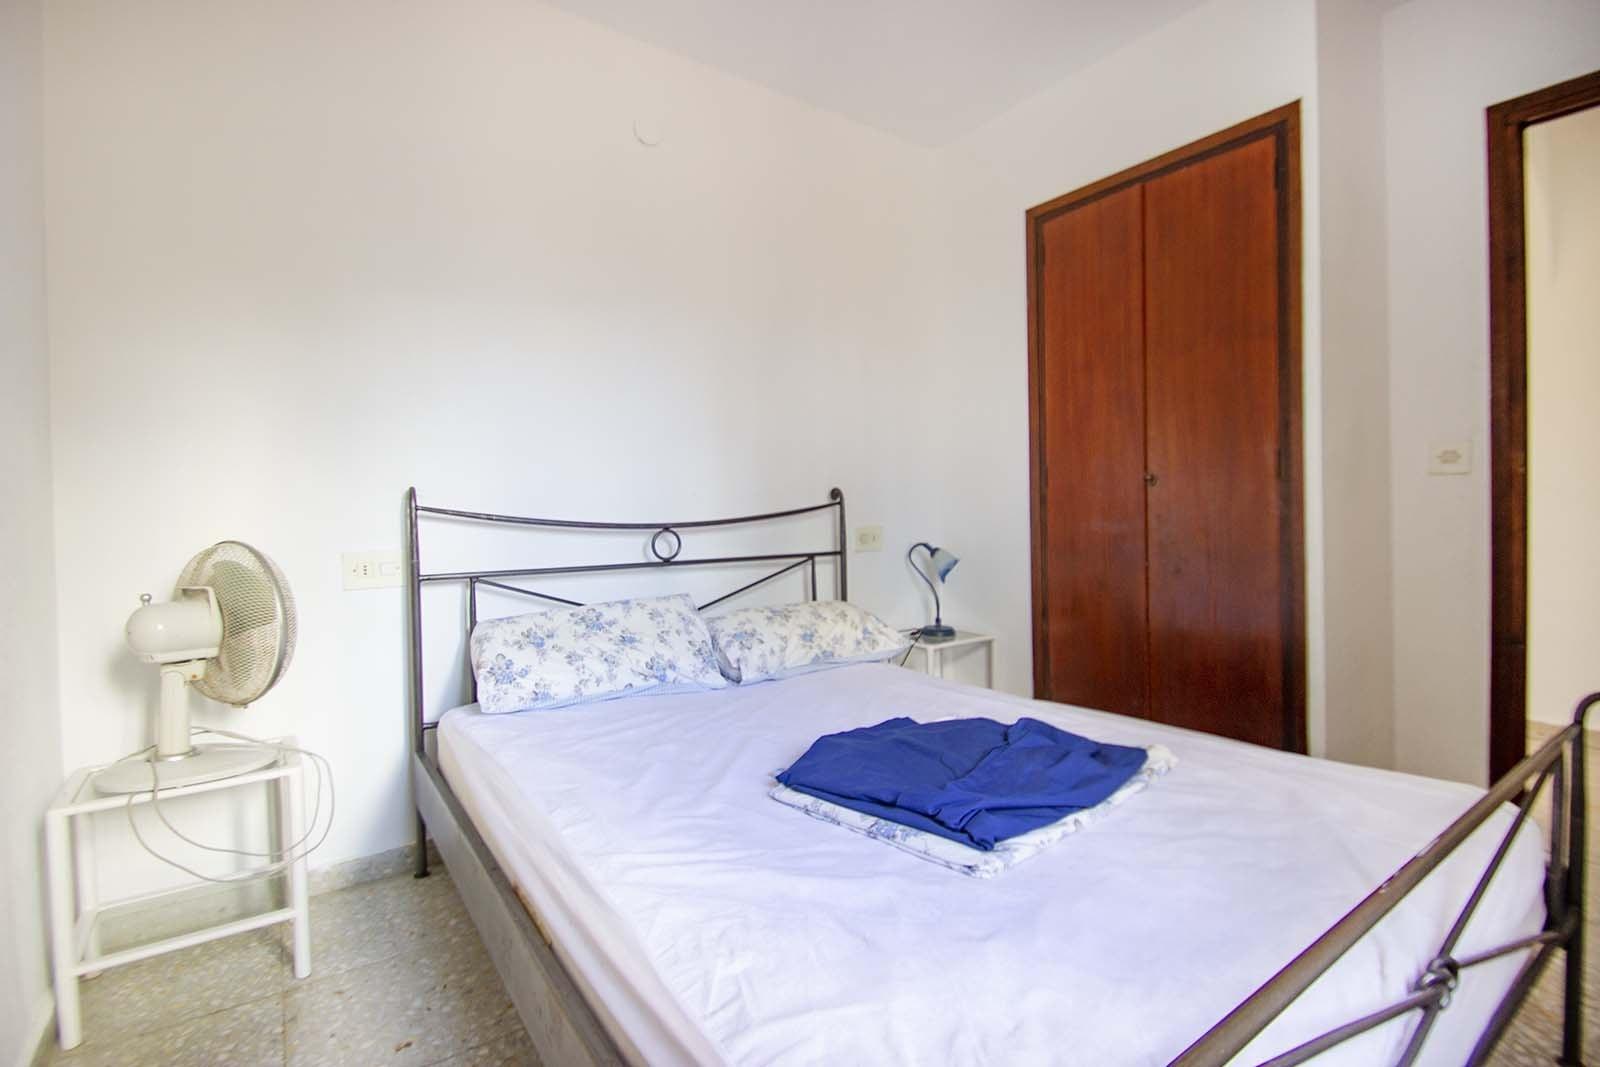 Villa For Sale In Calpe Colari Ref Vca0442 Area